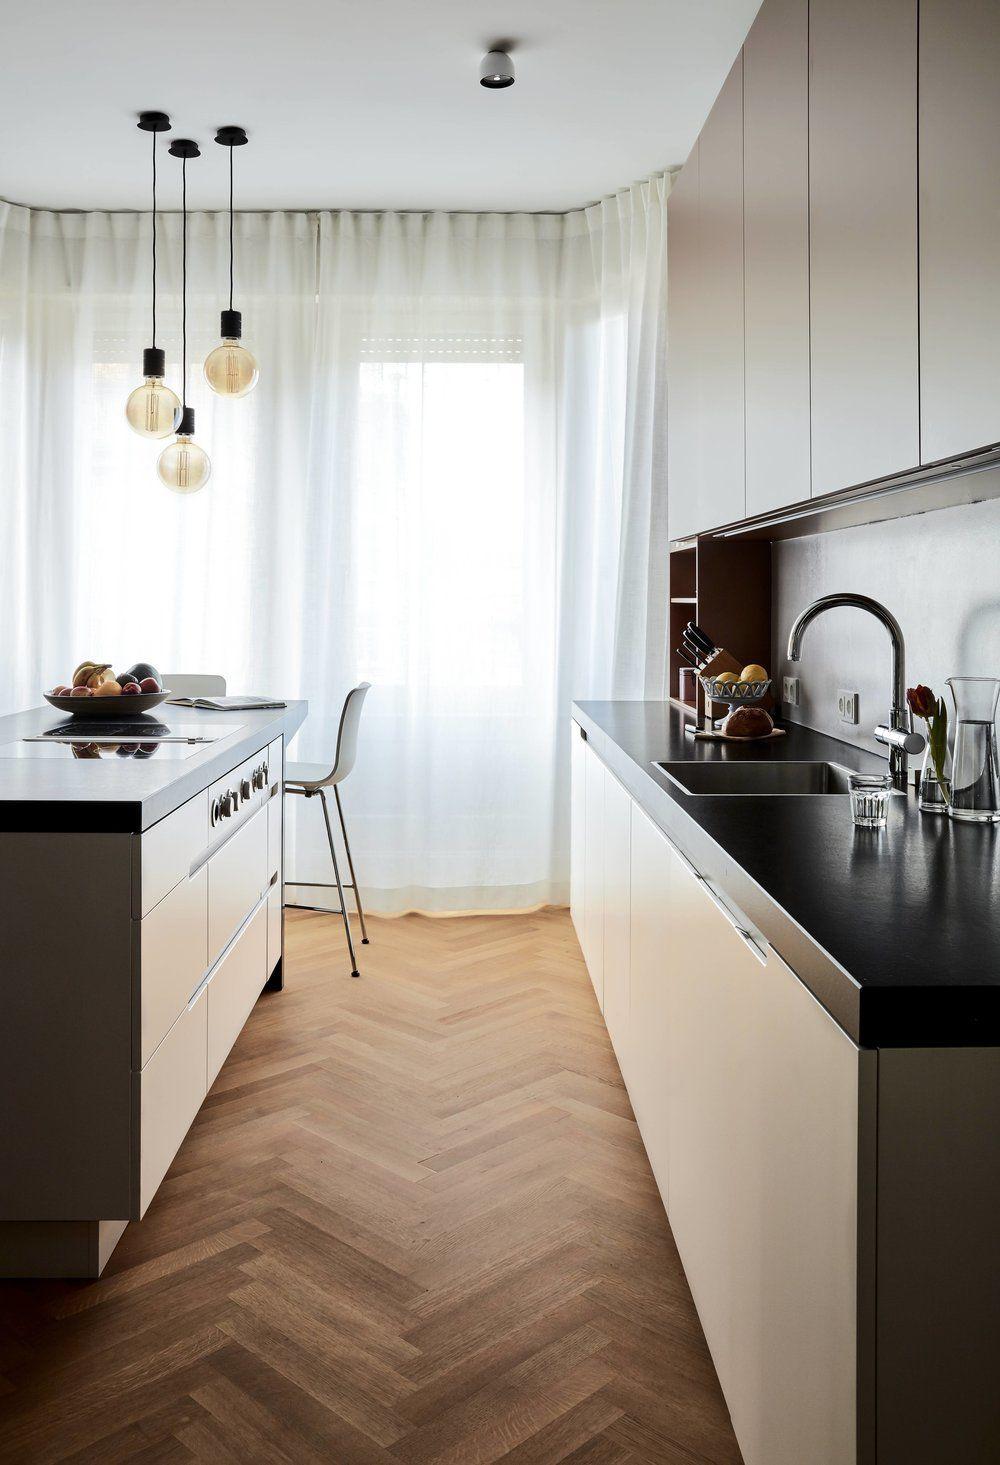 Home-office-innenarchitektur interiorlivingwohnenapartment architecturedesignkitchenpott